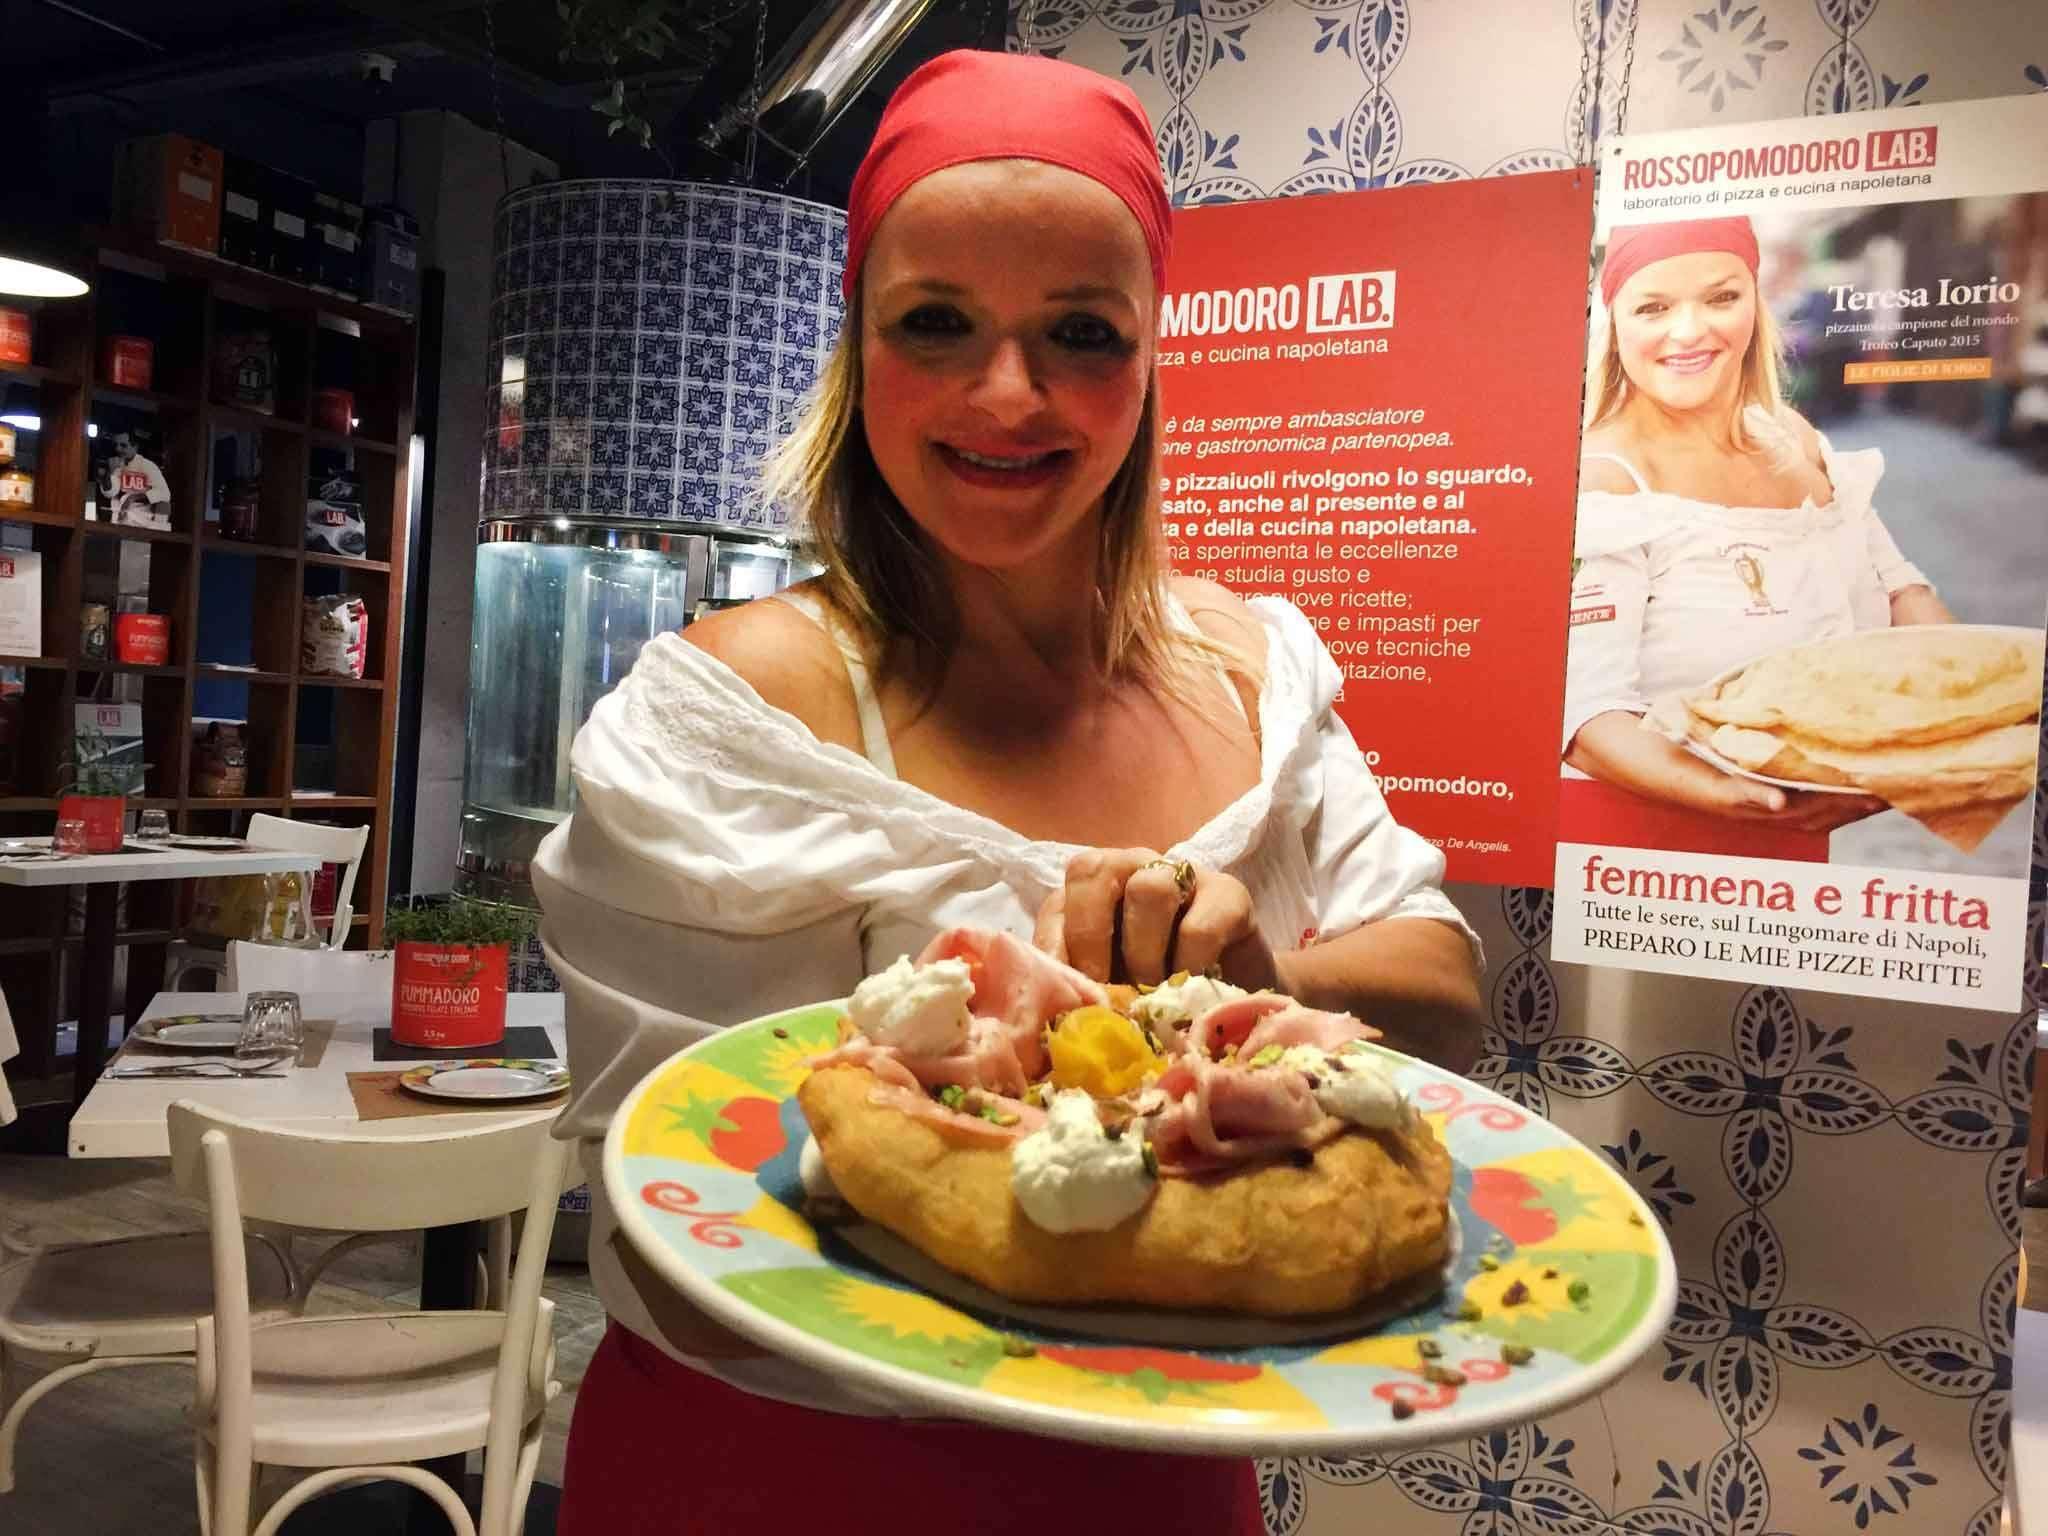 Тереза Иорио — женщина лучший пиццмейкер (пиццайоло) мира-2015